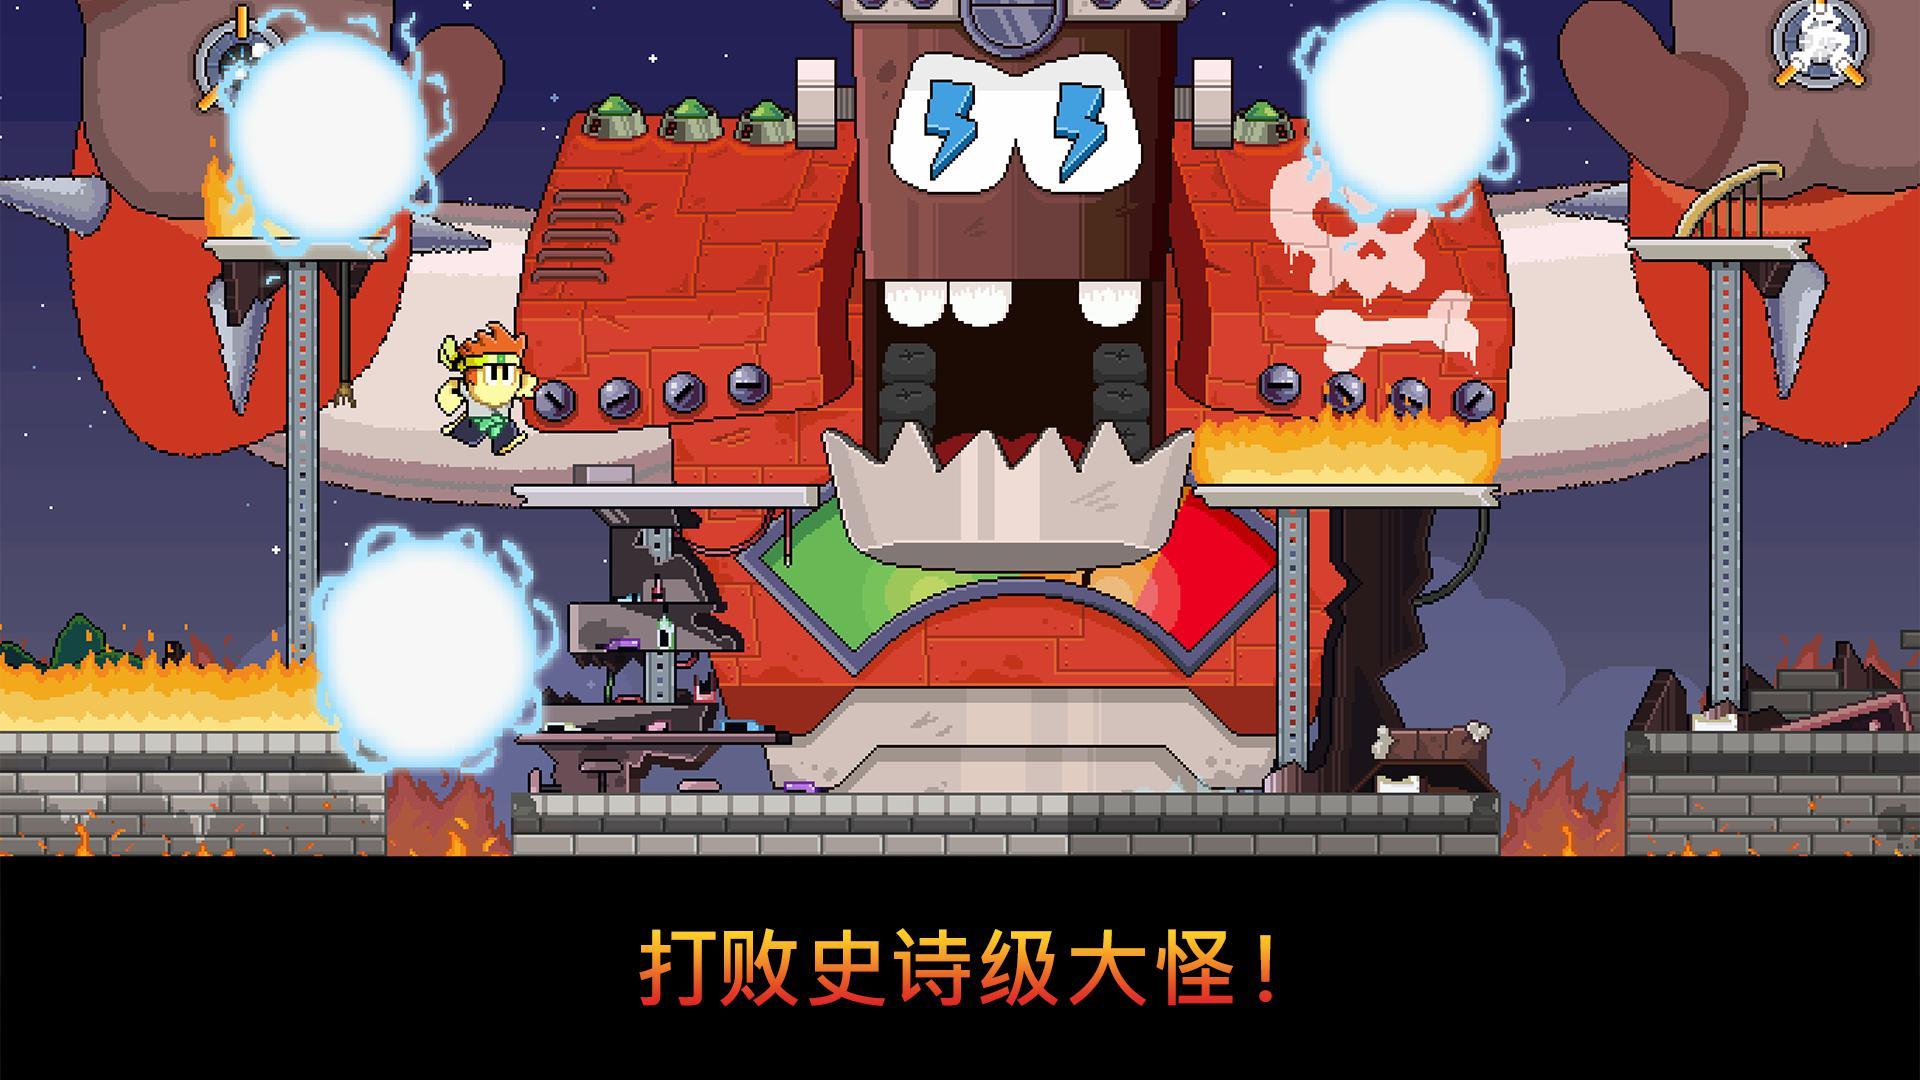 英雄丹 (Dan the Man官方正版)–超级经典冒险游戏 游戏截图2